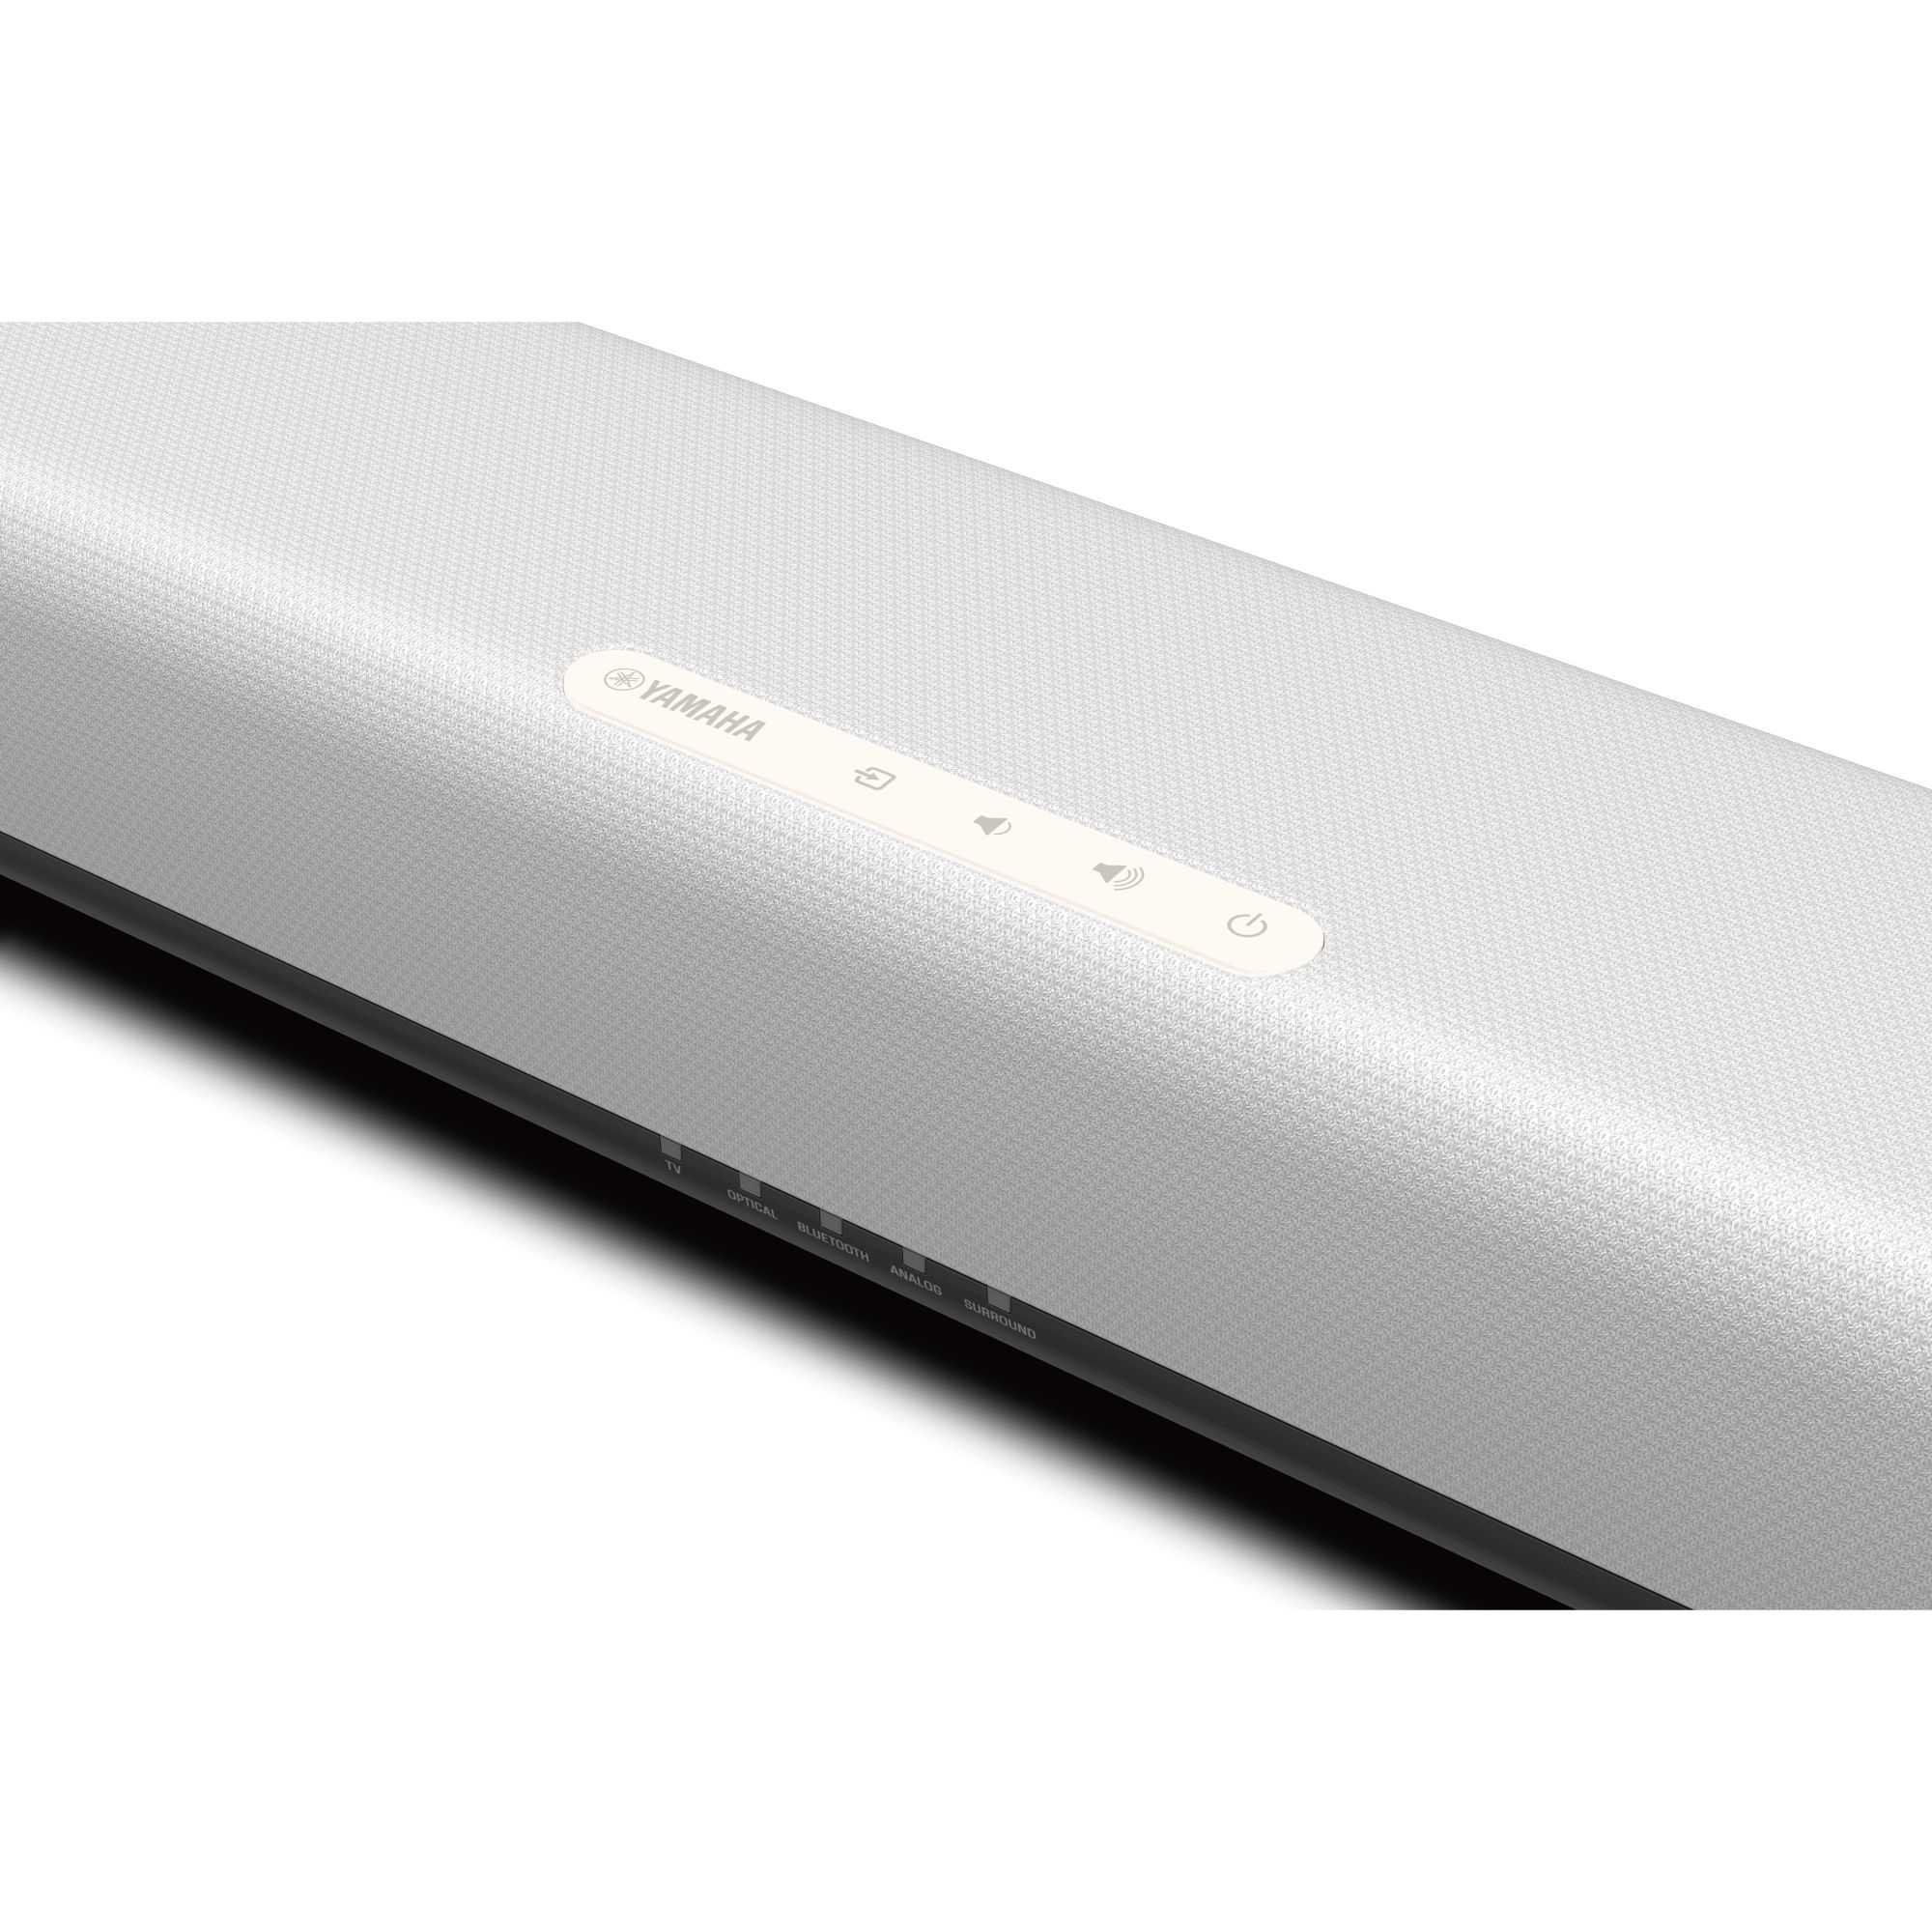 YAMAHA SR-C20A weiß | Kompakte Soundbar mit integriertem Subwoofer, Bluetooth und Clear Voice